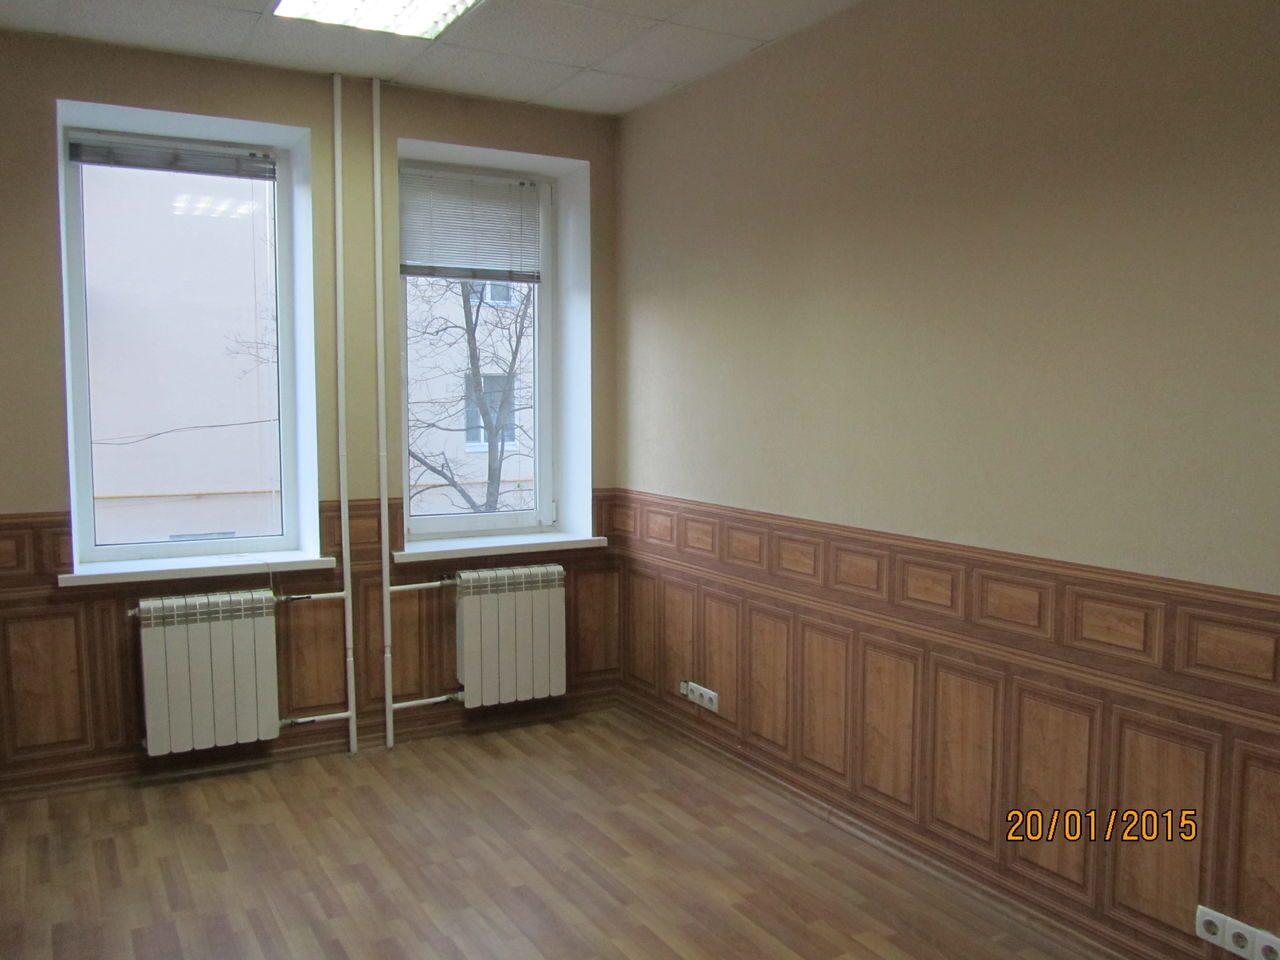 Аренда офиса от собственника ювао от 20 аренда офиса пензенская область